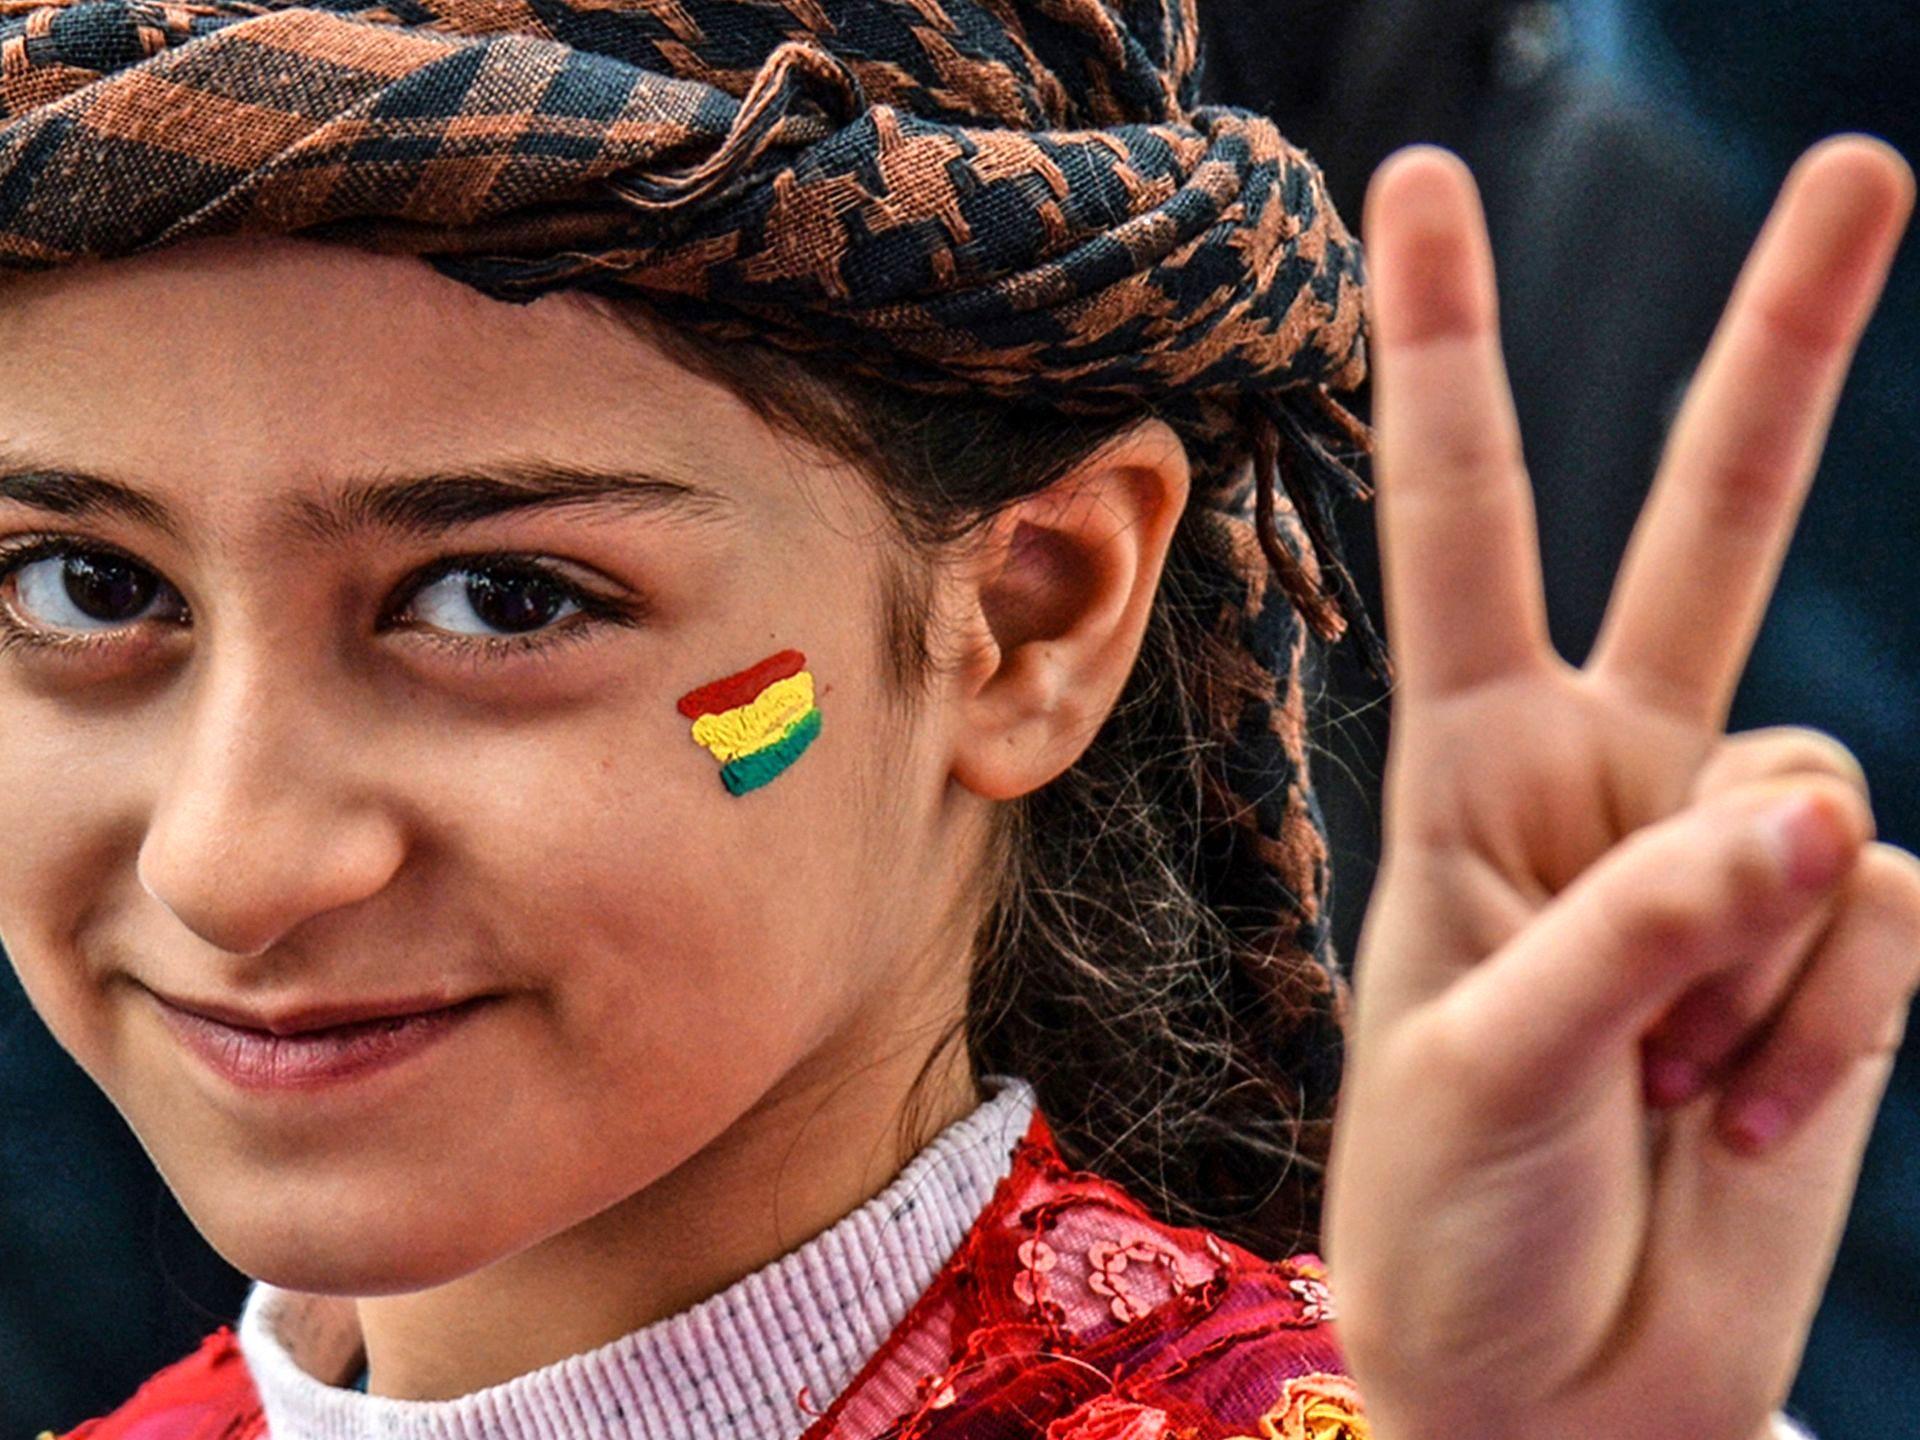 گرامیداشت روز جهان زن در نقاط مختلف دنیا